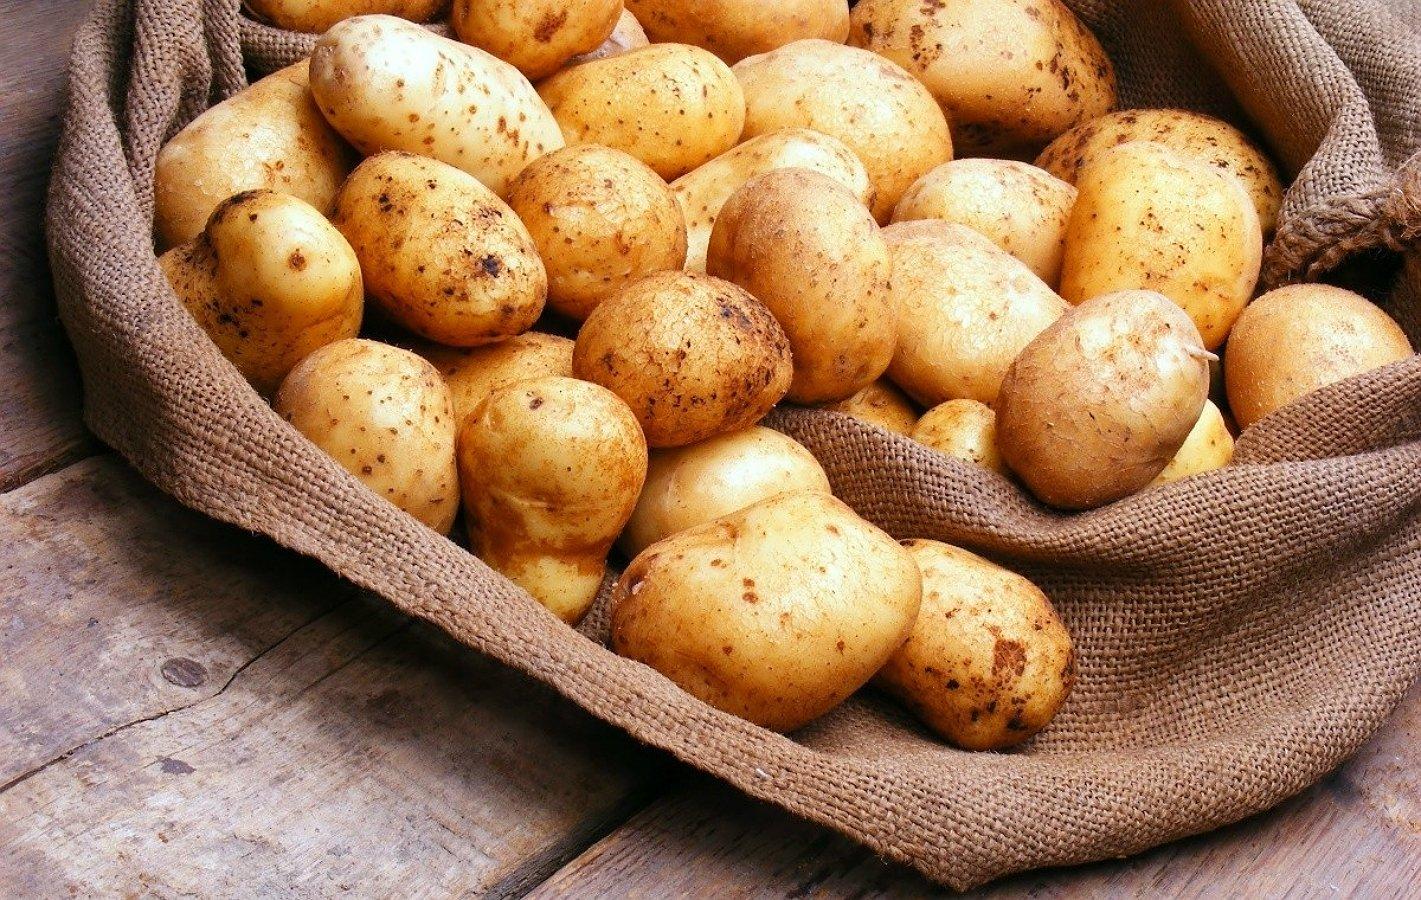 Сонник видеть картофель во сне